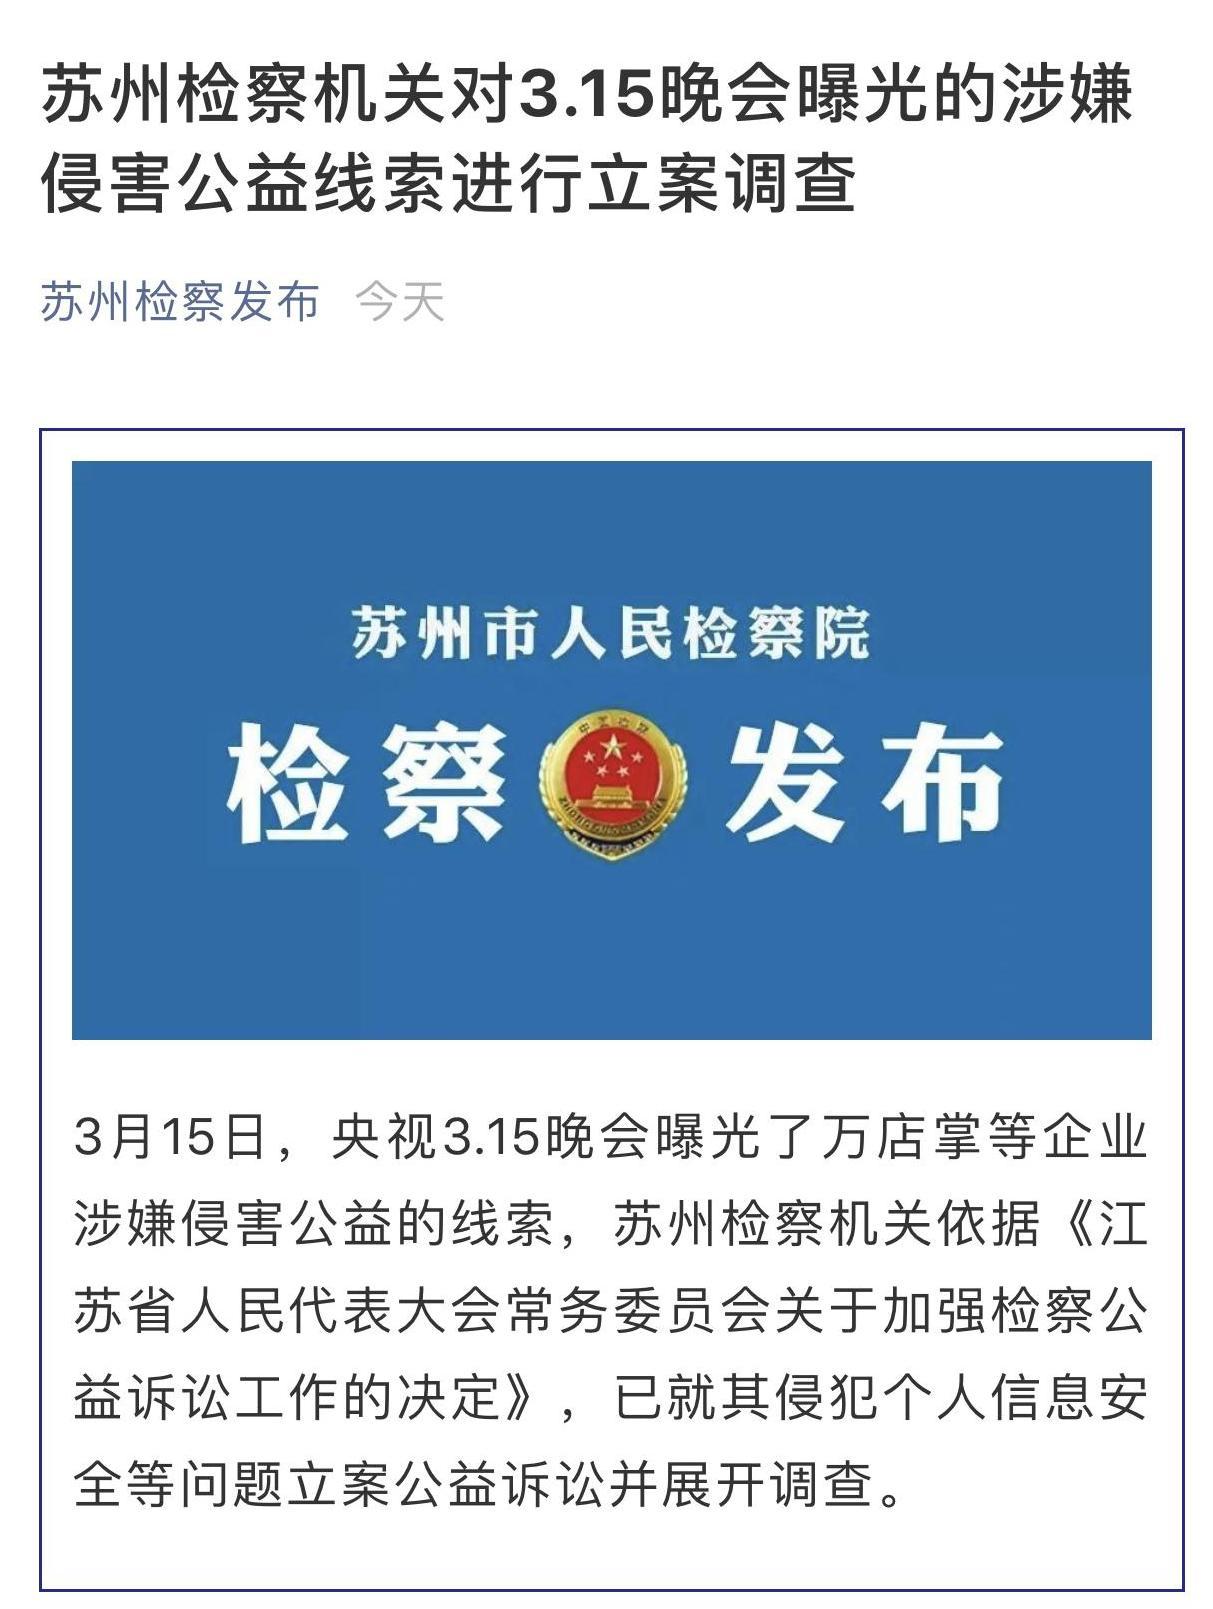 苏州检察机关对3-15晚会曝光的万店掌等线索立案调查图片